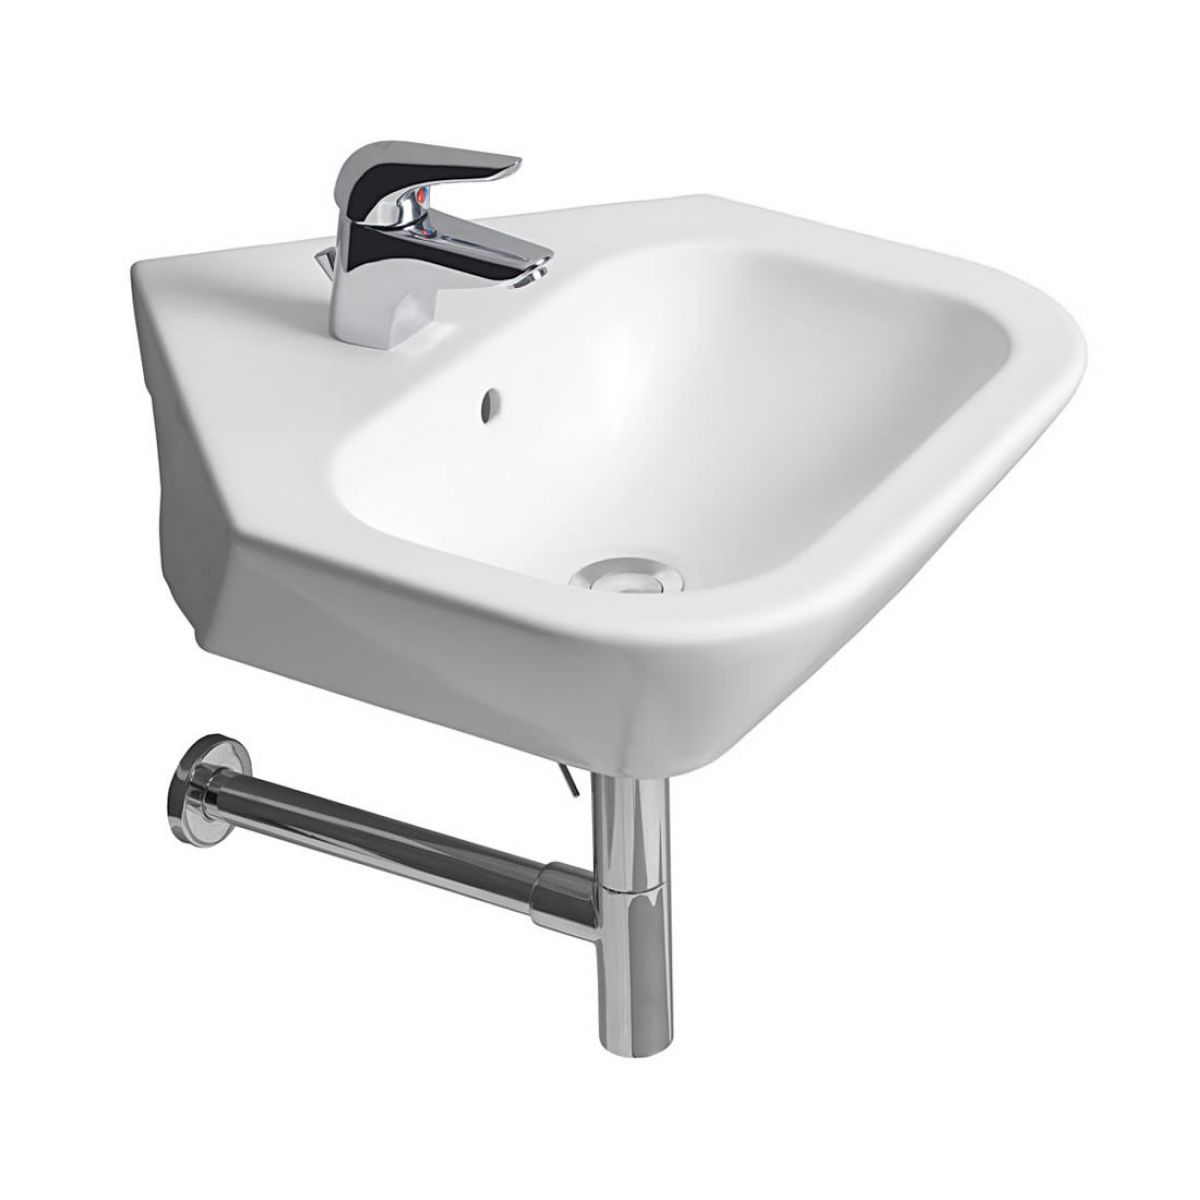 Roca nexo corner cloakroom basin 500mm uk bathrooms for Roca cloakroom basin